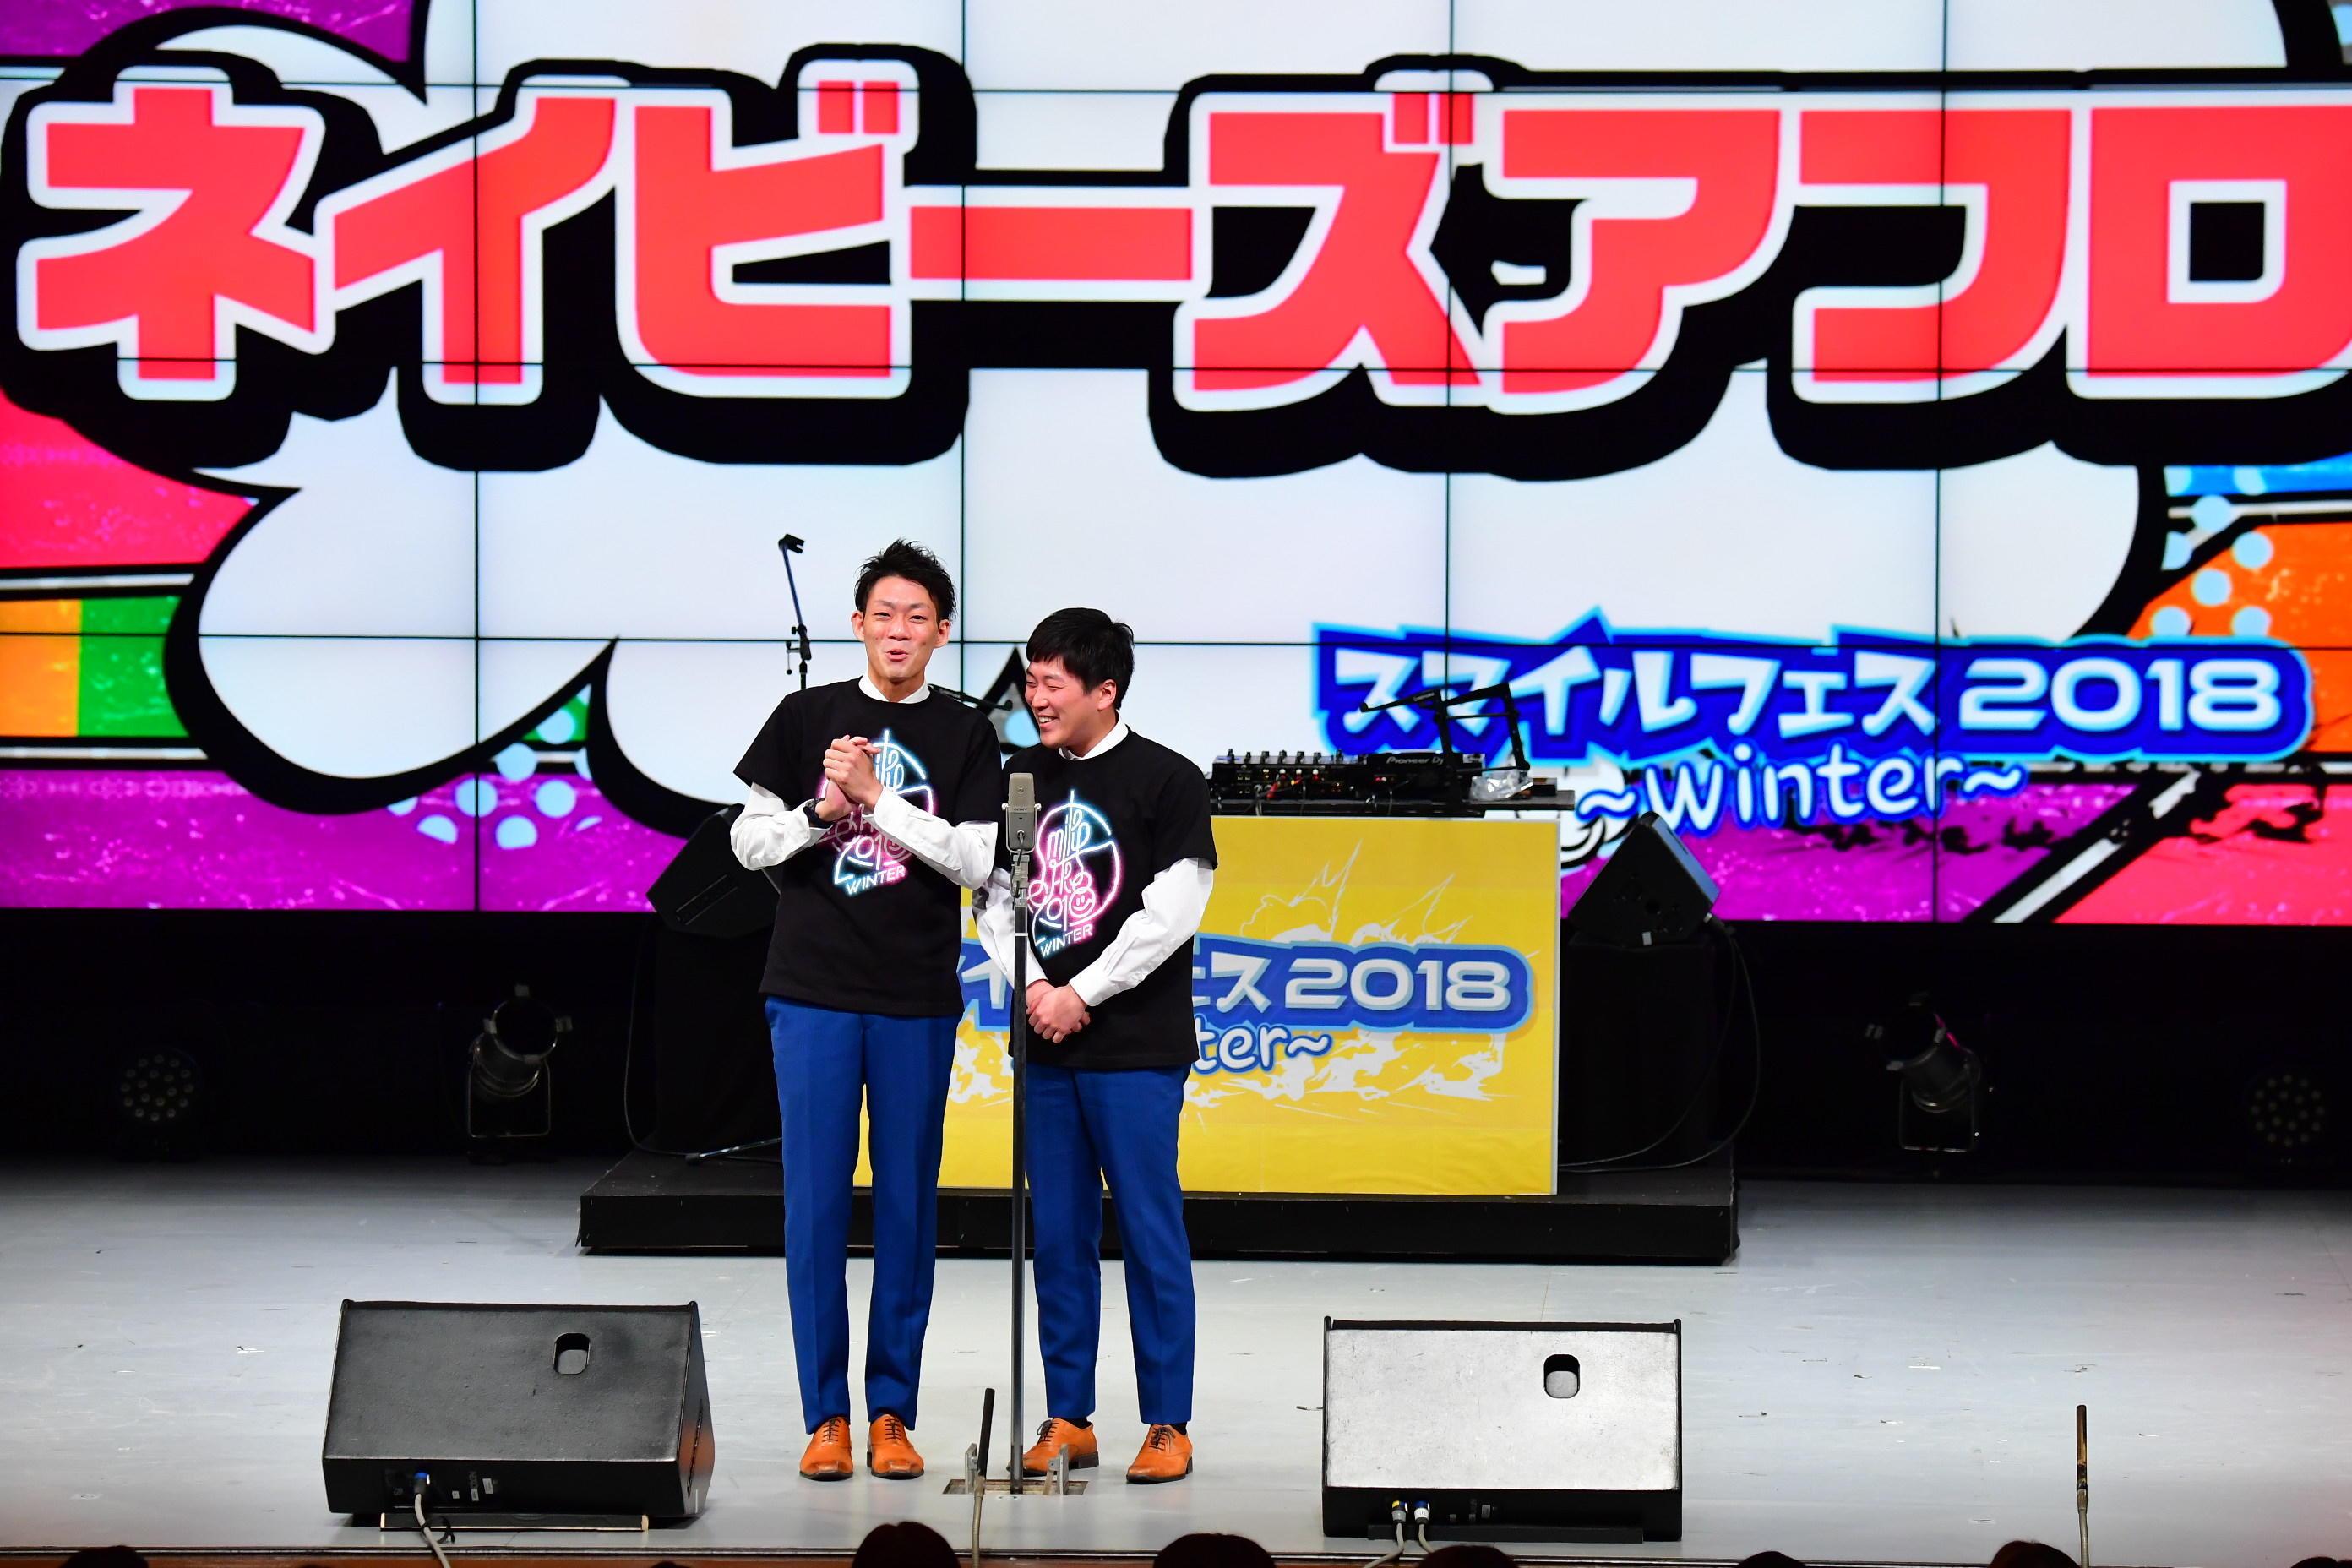 http://news.yoshimoto.co.jp/20180119005657-704d4af4979f91b63da94ce888373bf770a393cc.jpg